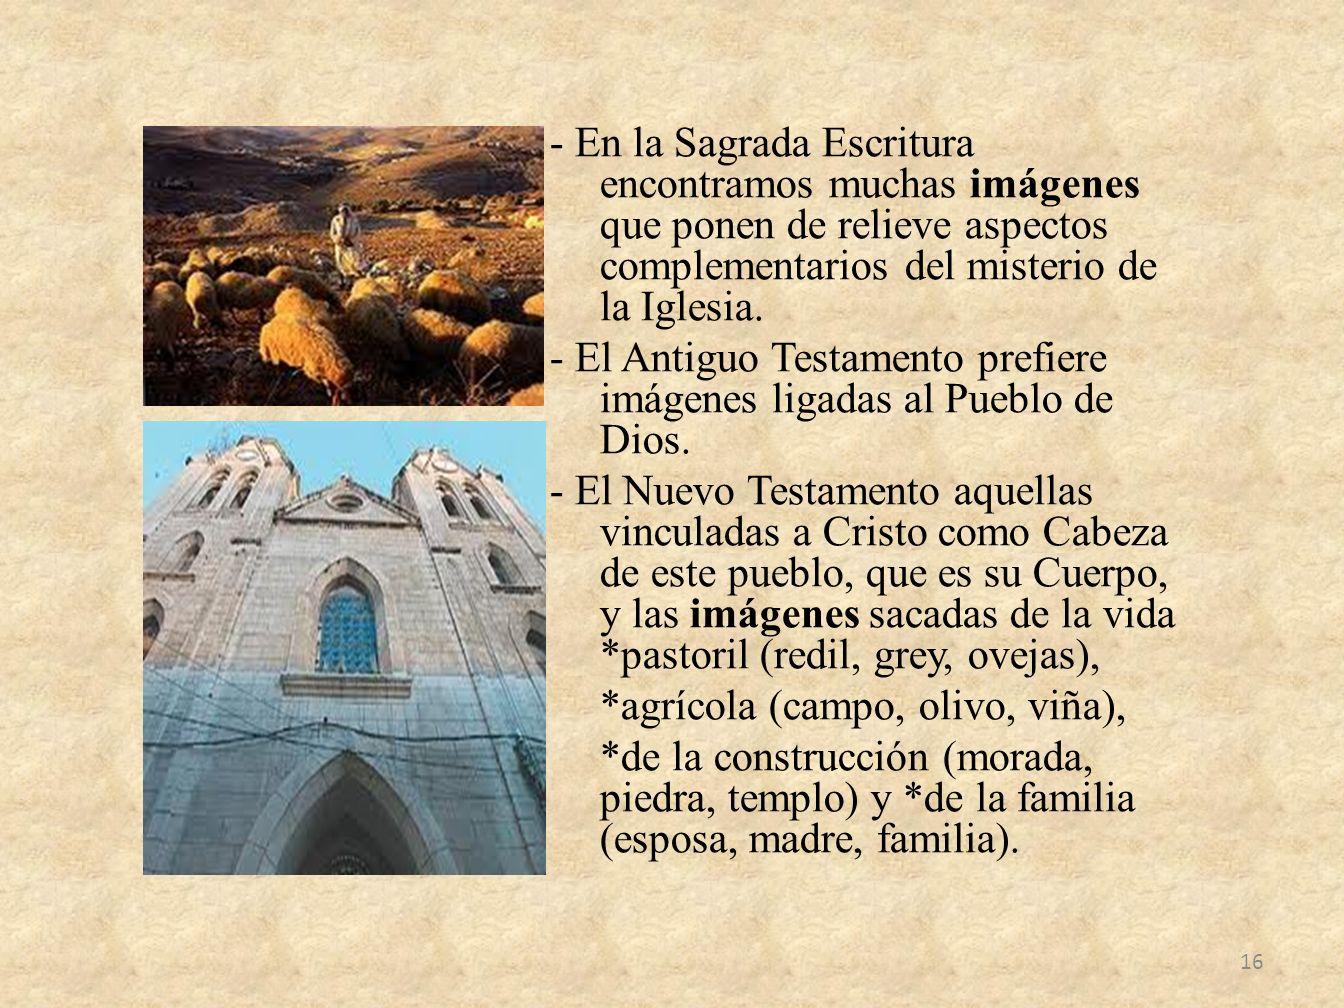 - En la Sagrada Escritura encontramos muchas imágenes que ponen de relieve aspectos complementarios del misterio de la Iglesia. - El Antiguo Testament